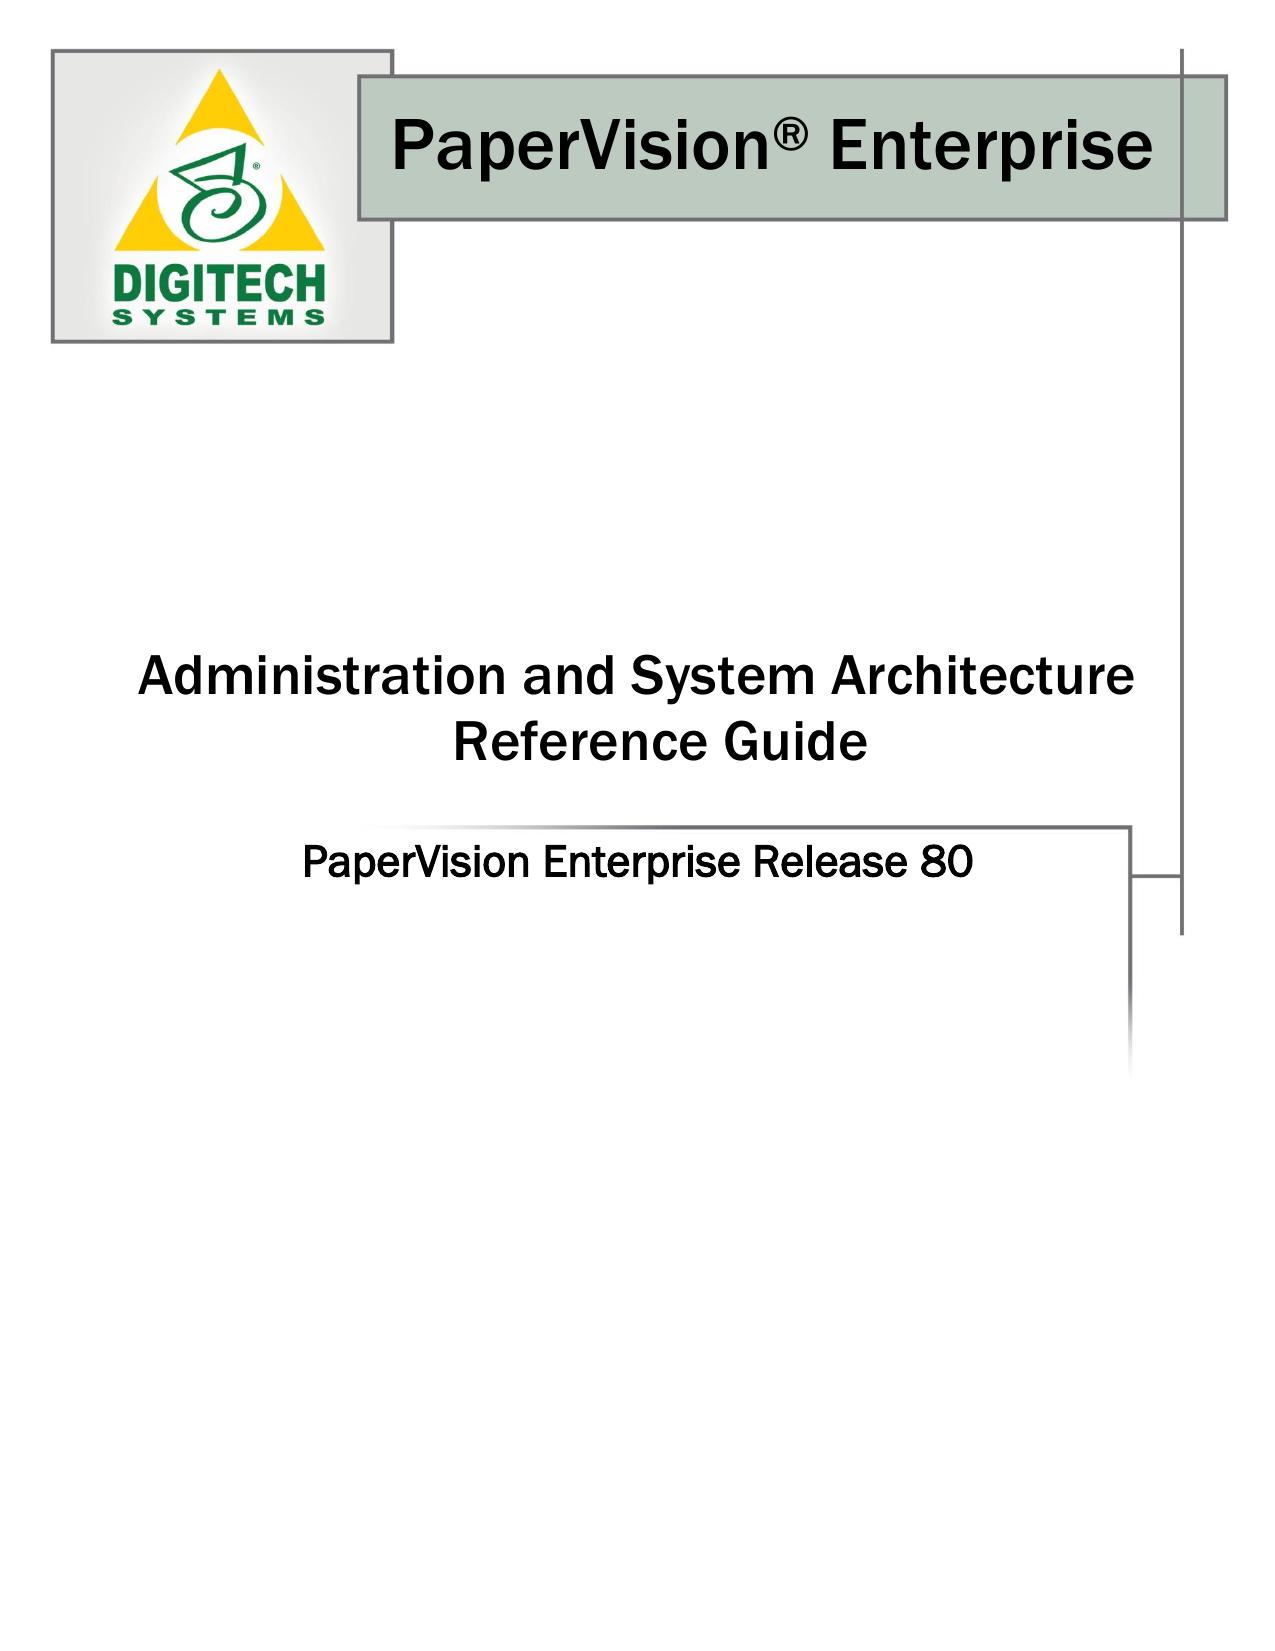 PaperVision® Enterprise | manualzz com